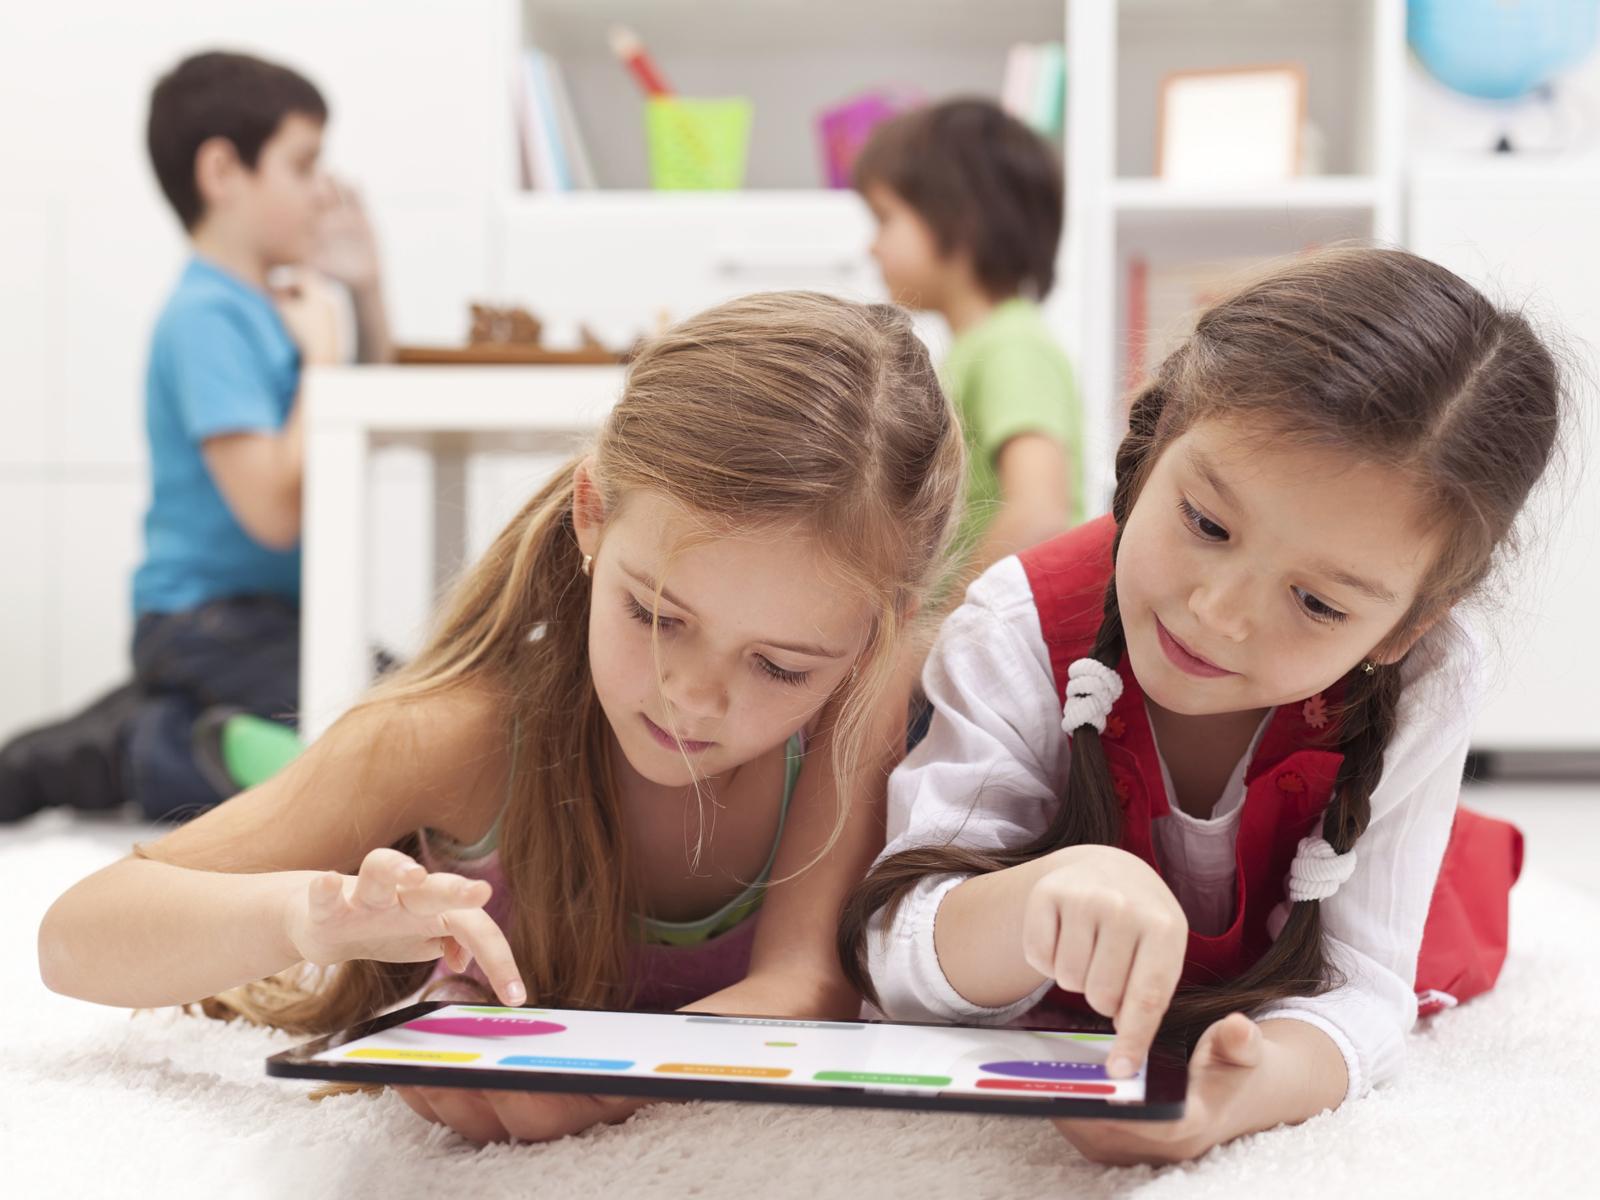 Application Gratuite : Le Top Pour Les Enfant ! | Parents.fr dedans Jeu Pour Garcon De 6 Ans Gratuit